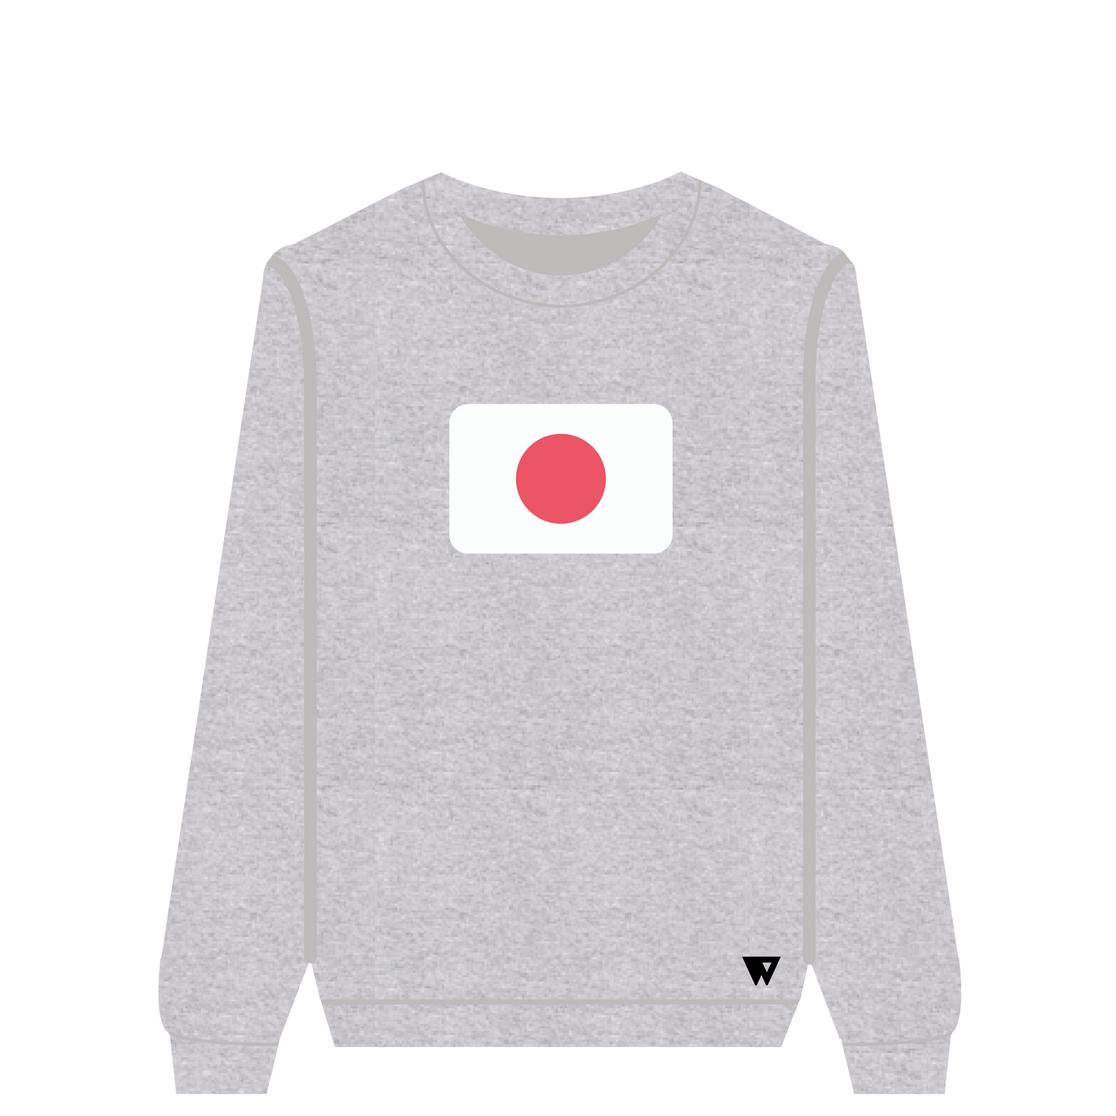 Sweatshirt Japan | Wuzzee